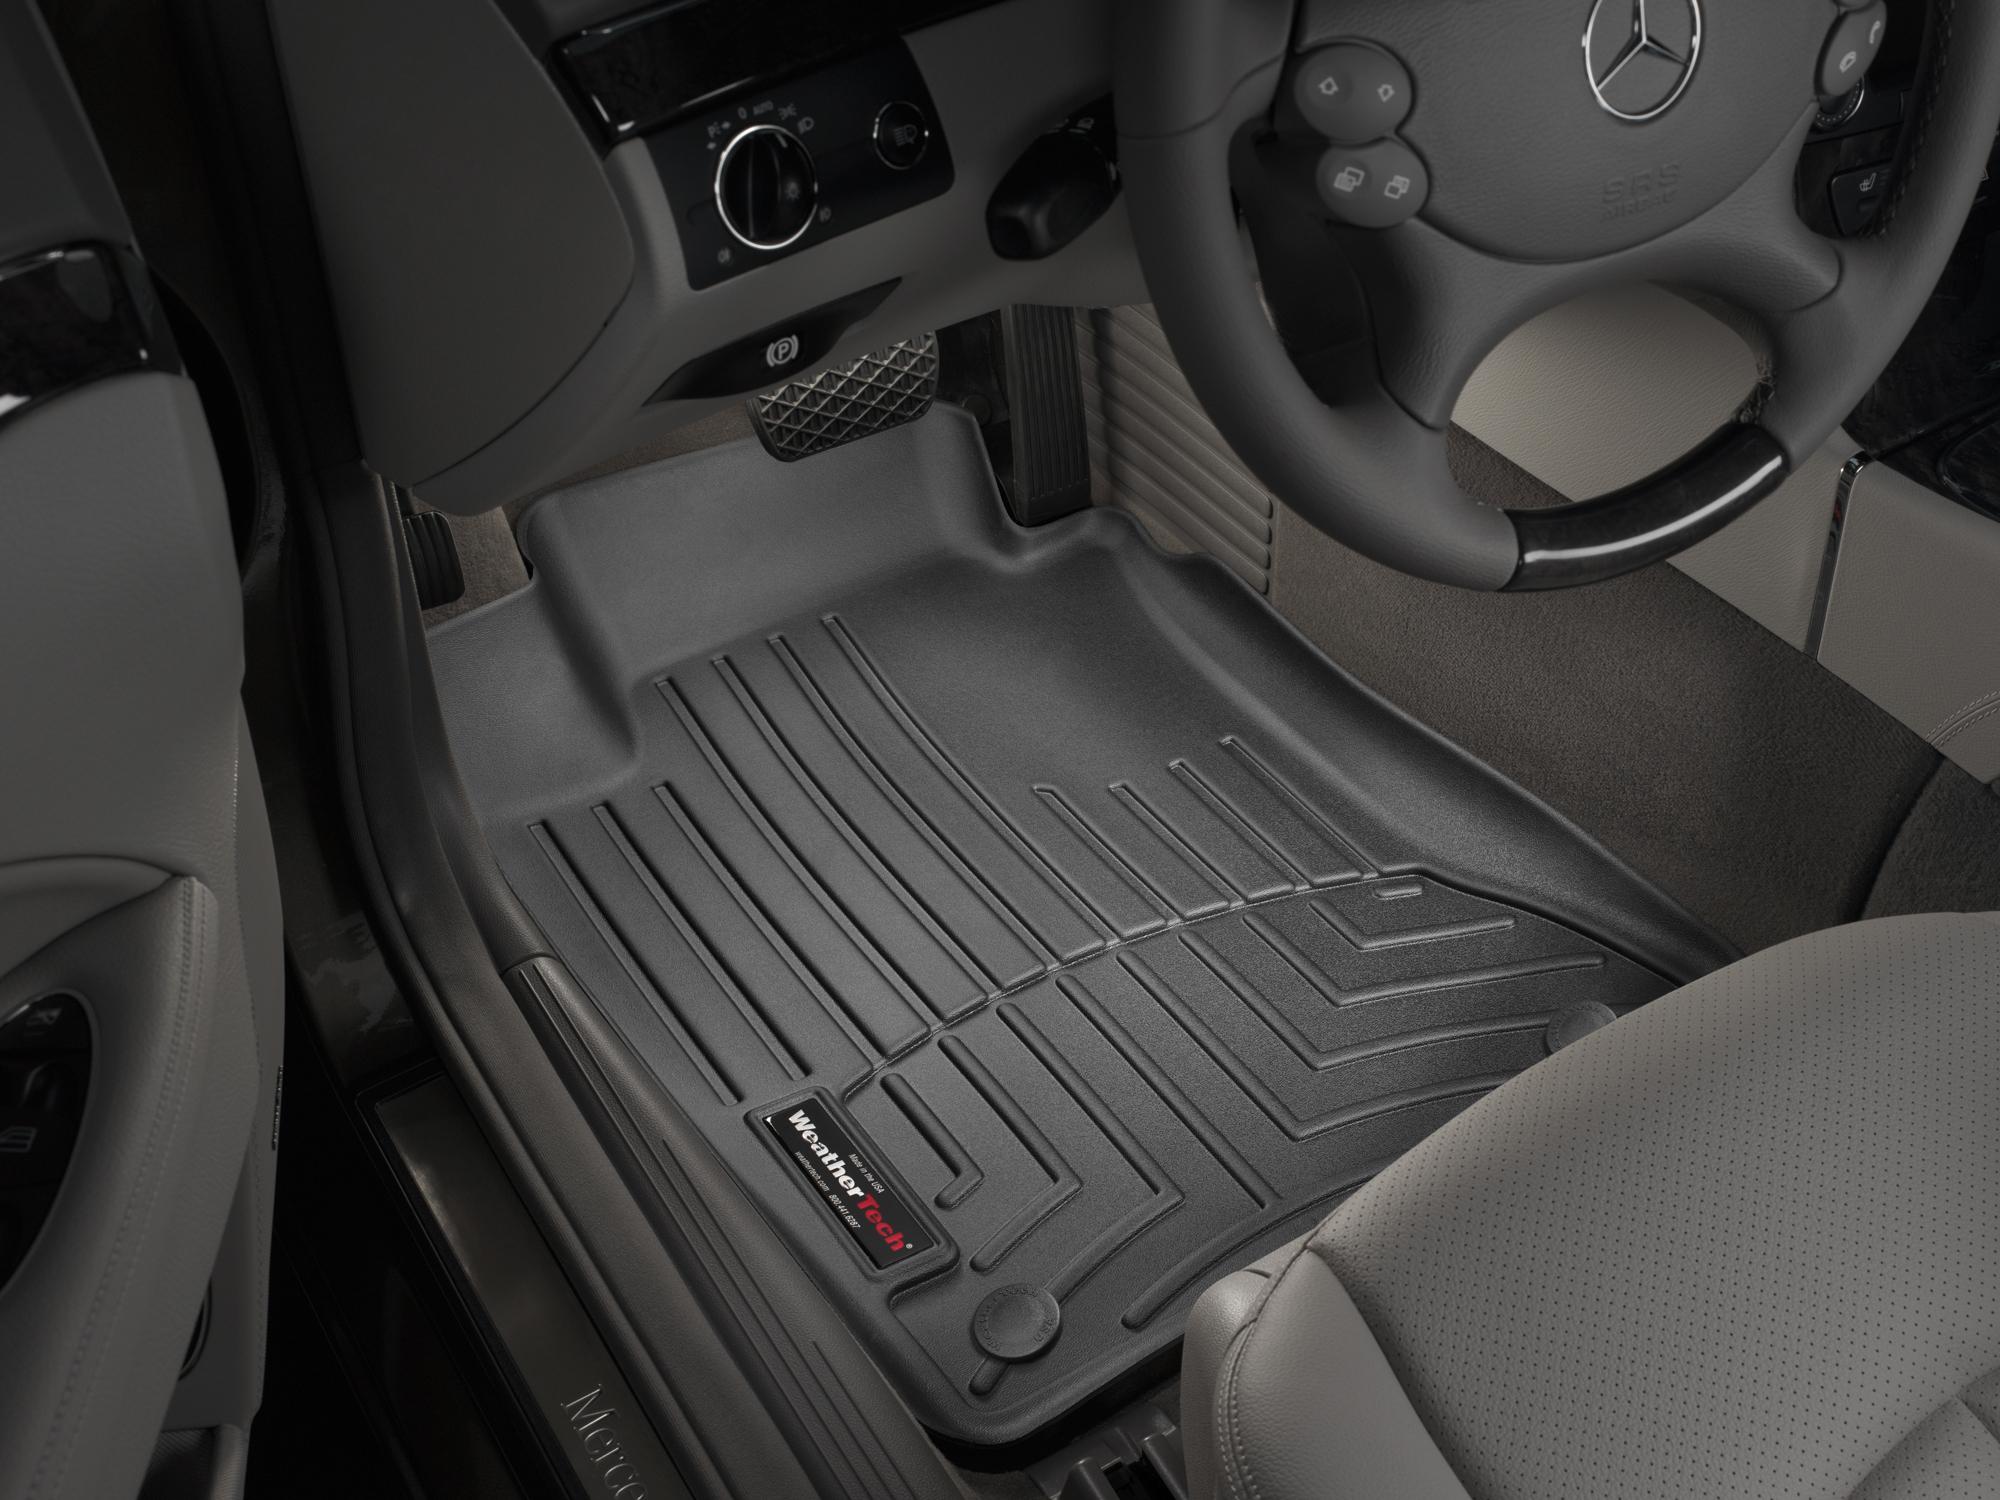 Tappeti gomma su misura bordo alto Mercedes E-Class 02>09 Nero A2354*